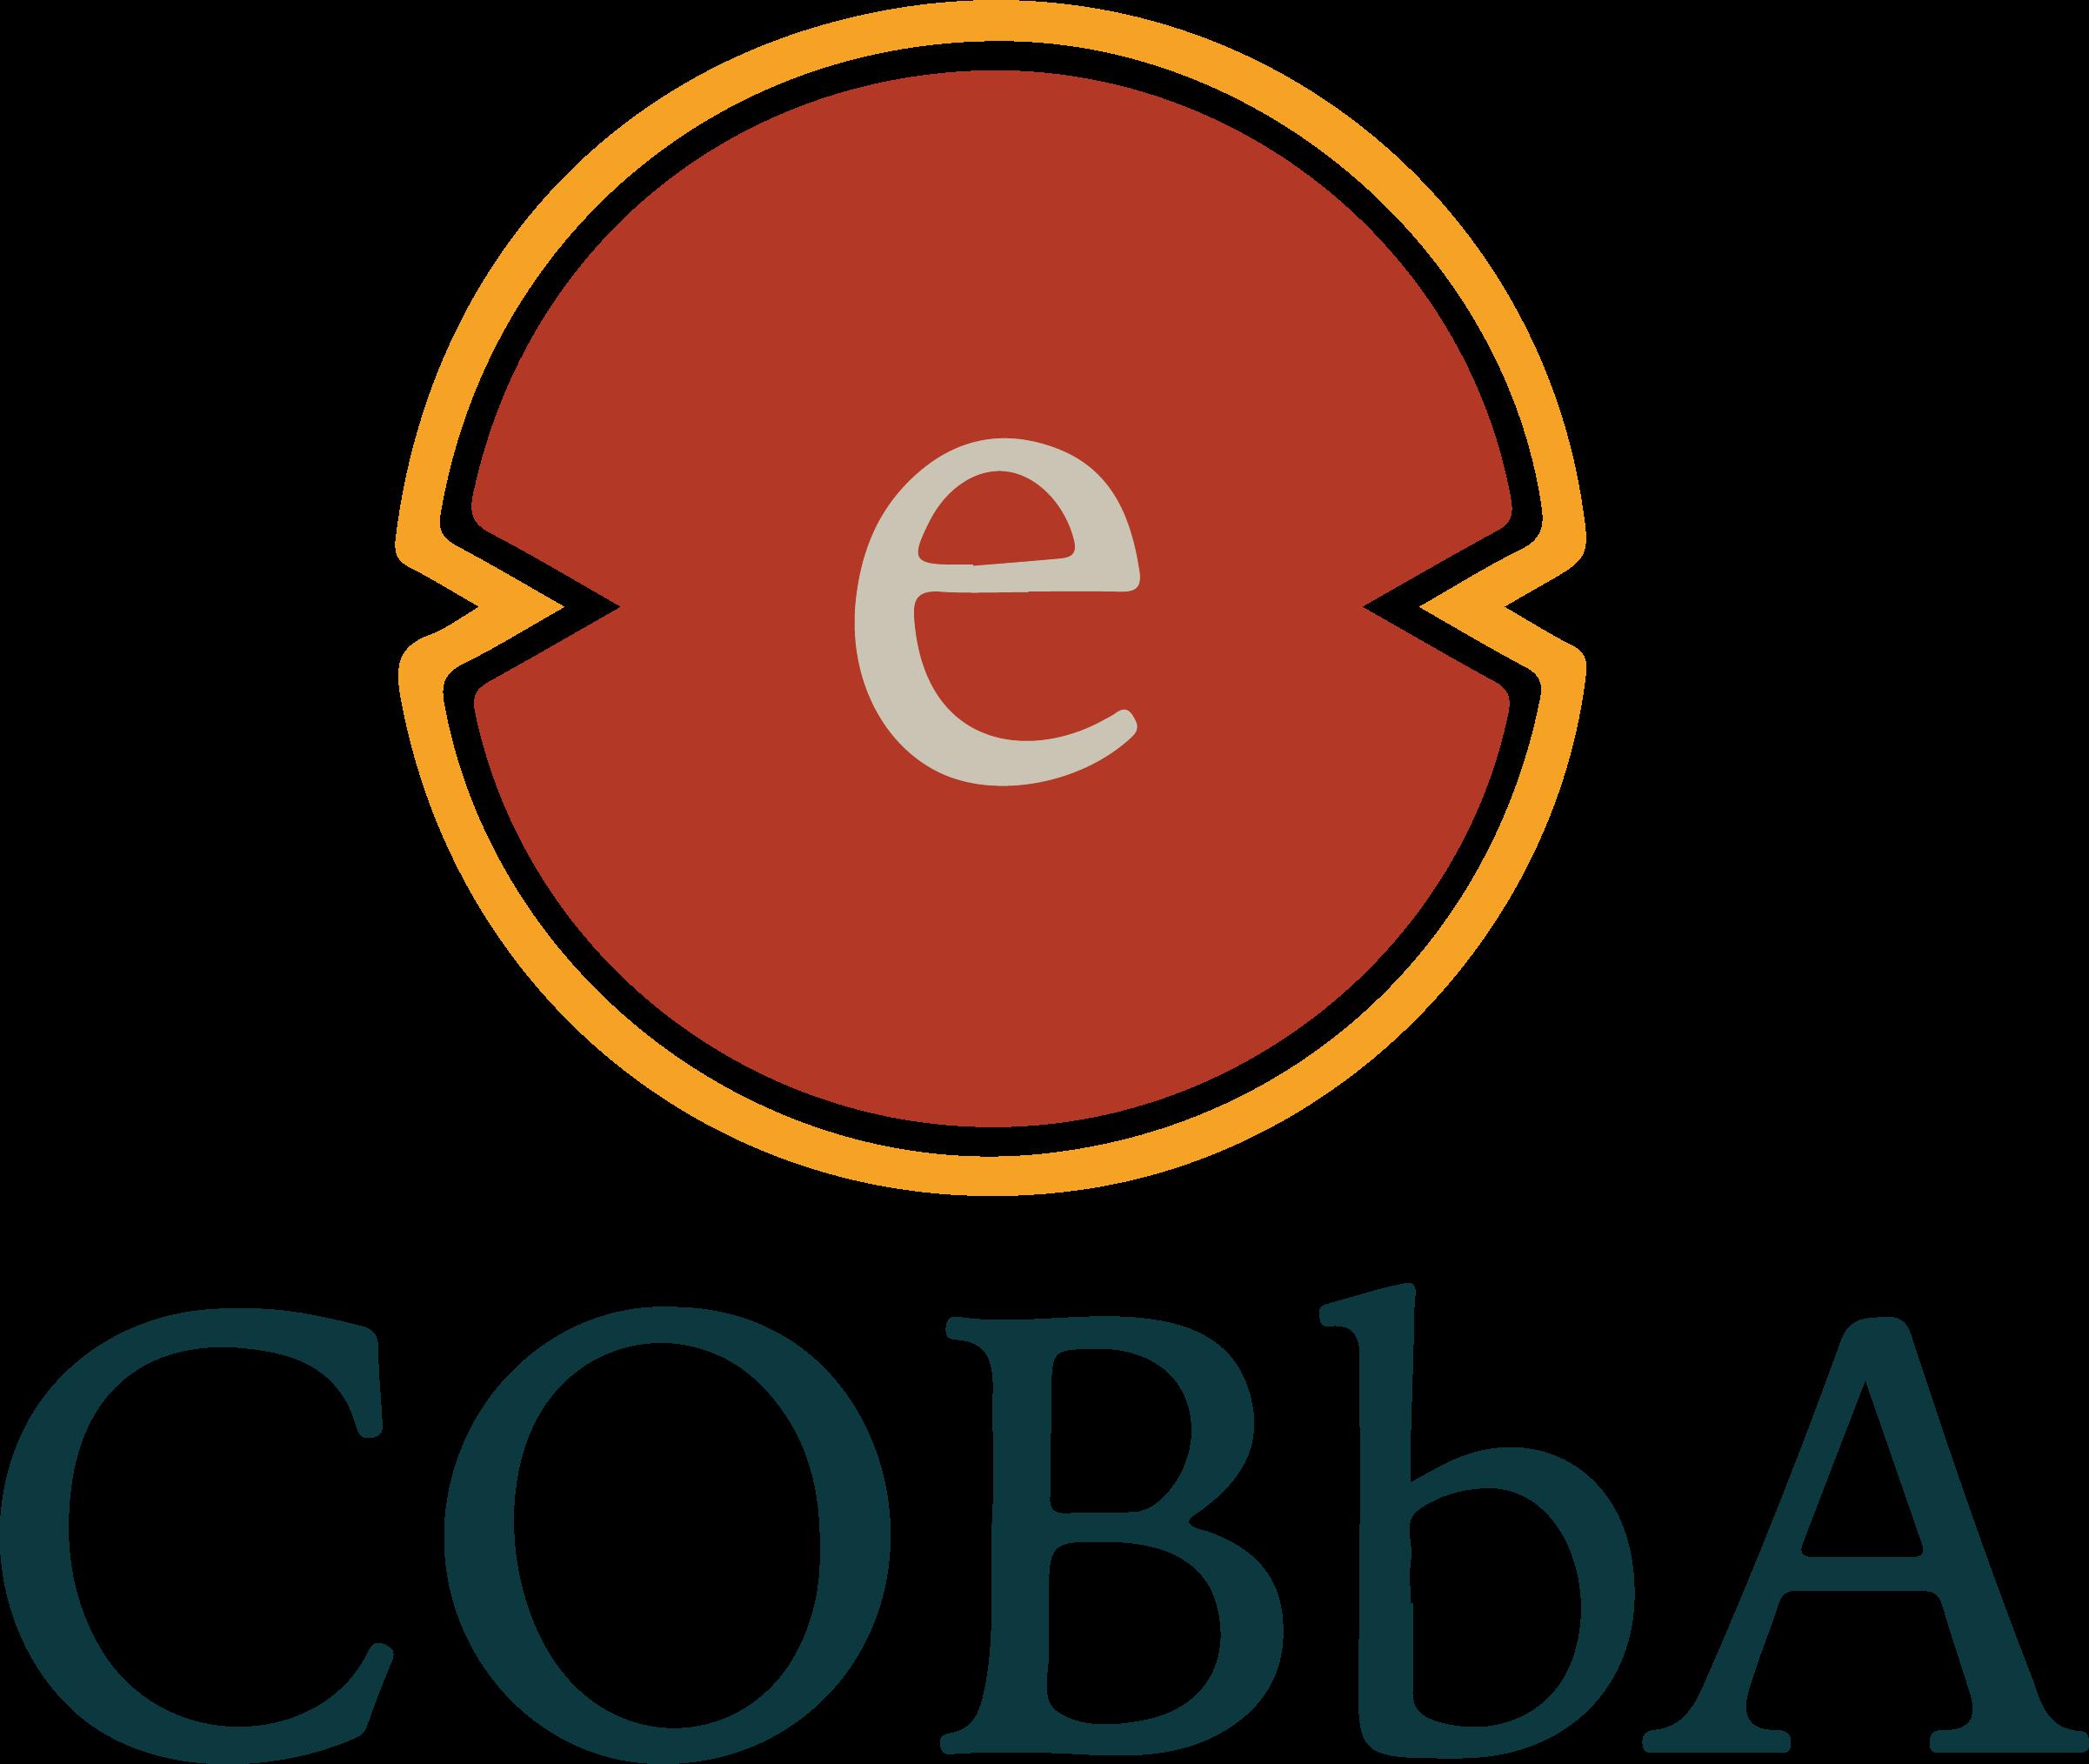 Ecobba